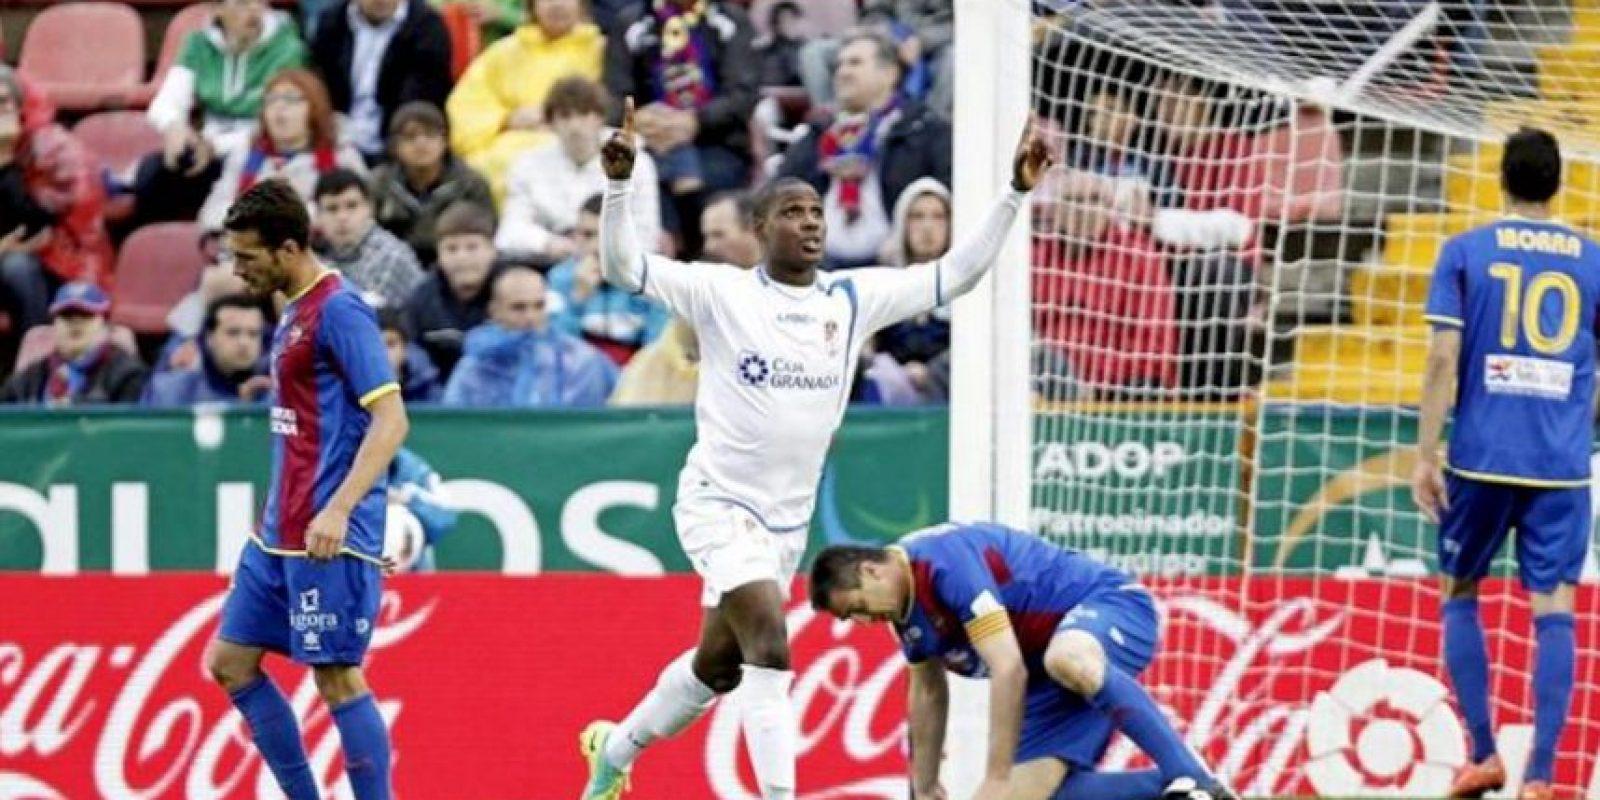 El delantero nigeriano del Granada CF Odion Ighalo (2i) celebra su gol durante el partido, correspondiente a la trigésimo sexta jornada de Liga de Primera División, que ha disputado el conjunto andaluz con el Levante UD en el estadio Ciutat de Valencia. EFE